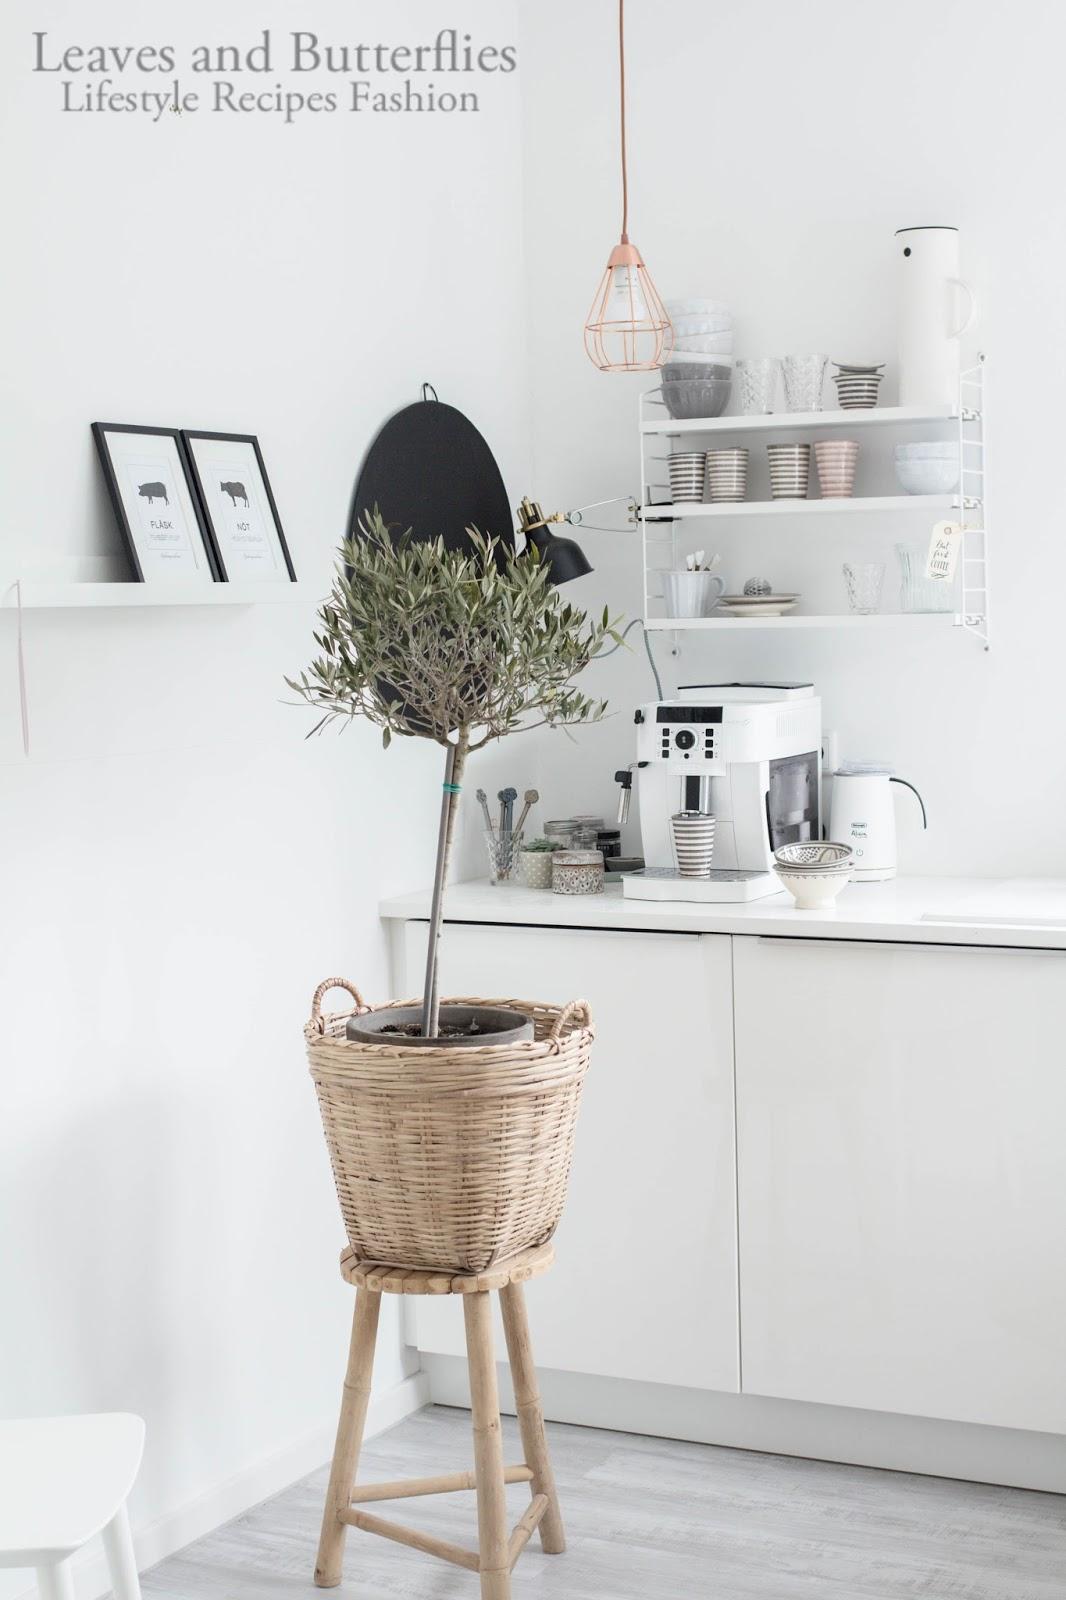 Erfreut Platz Eins Küche Fotos - Küche Set Ideen - deriherusweets.info